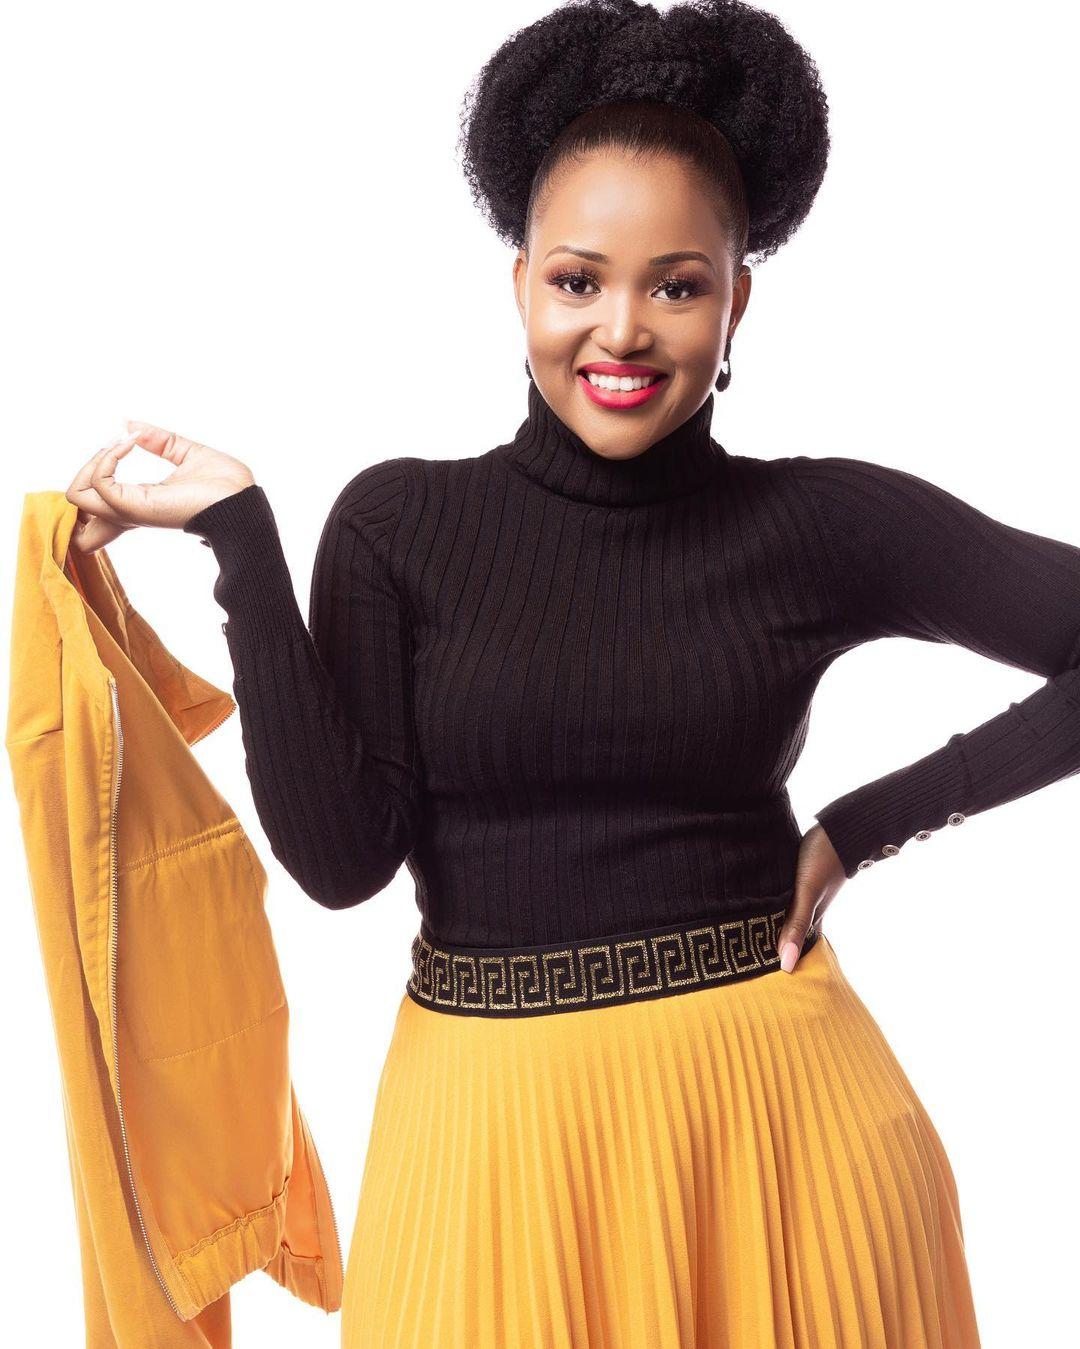 Actress Liteboho Molise aka Teboho leaves Muvhango